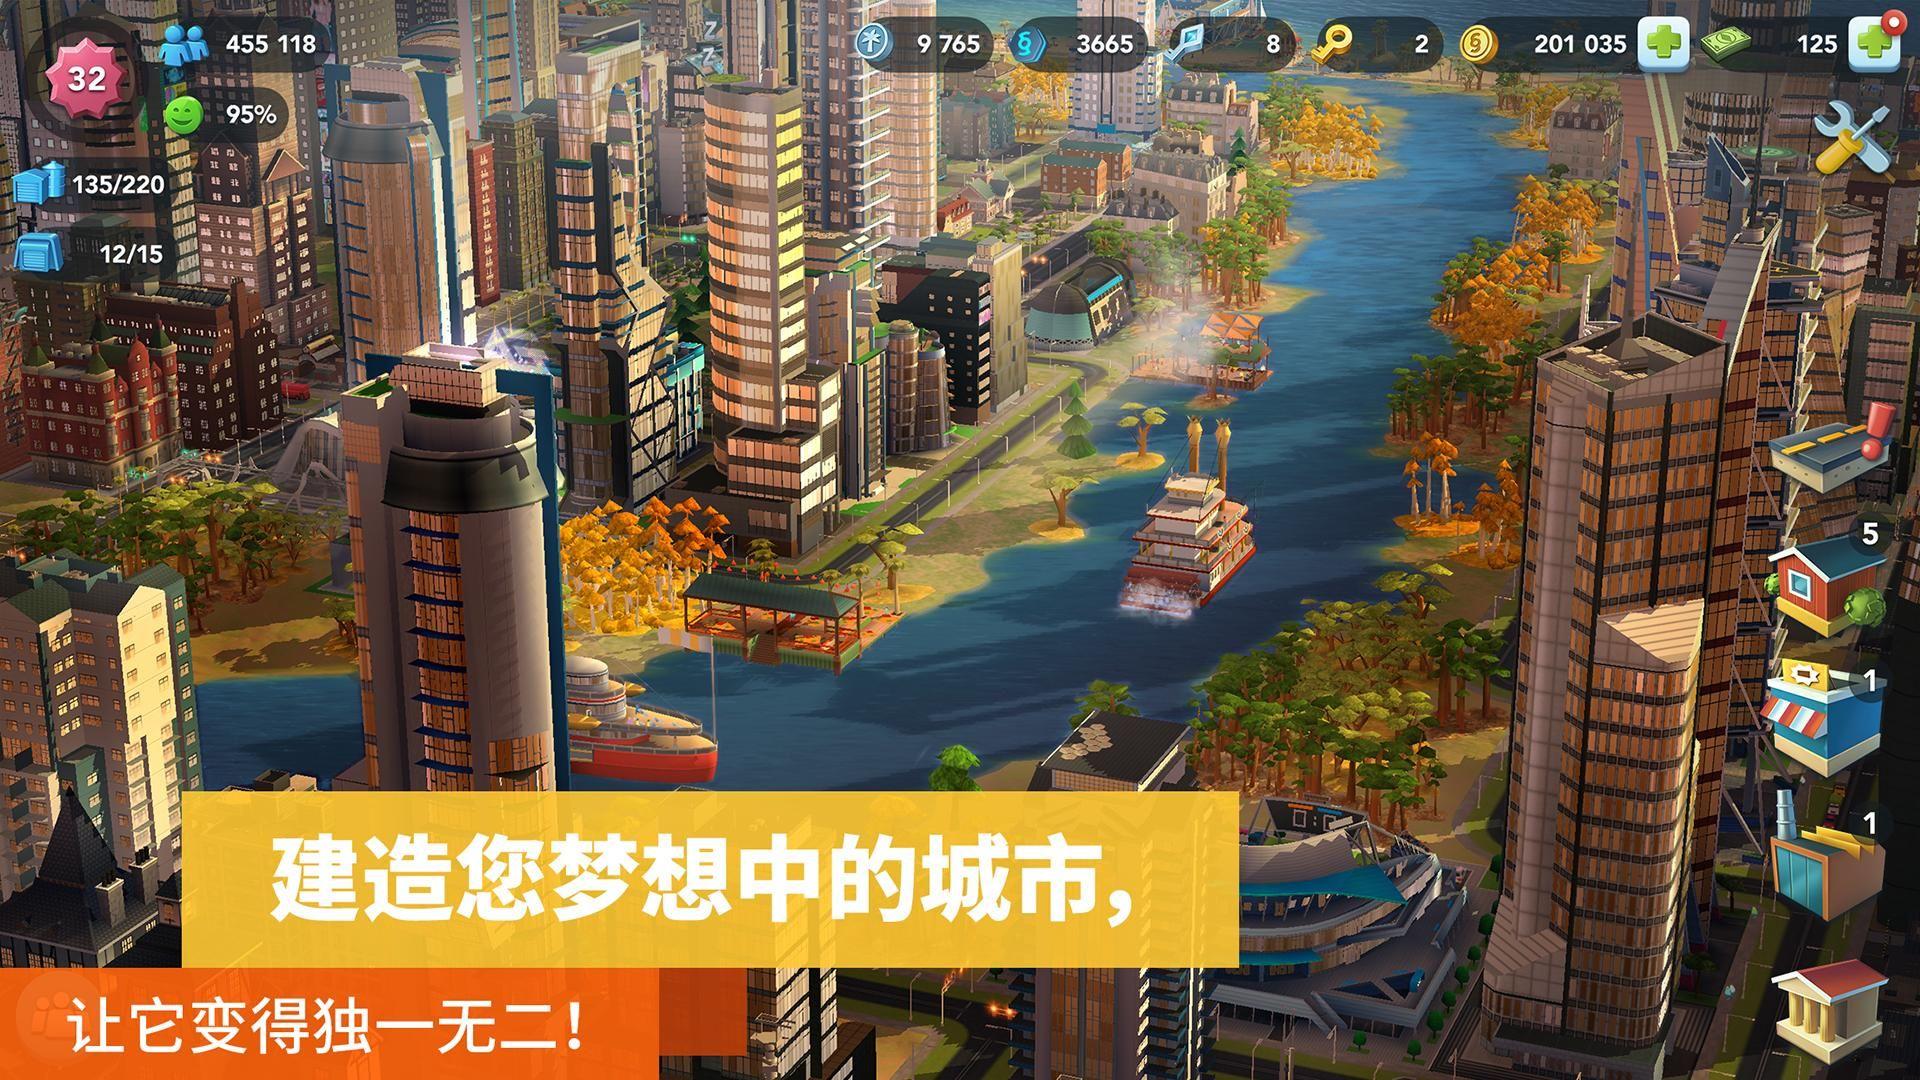 模拟城市 游戏截图1